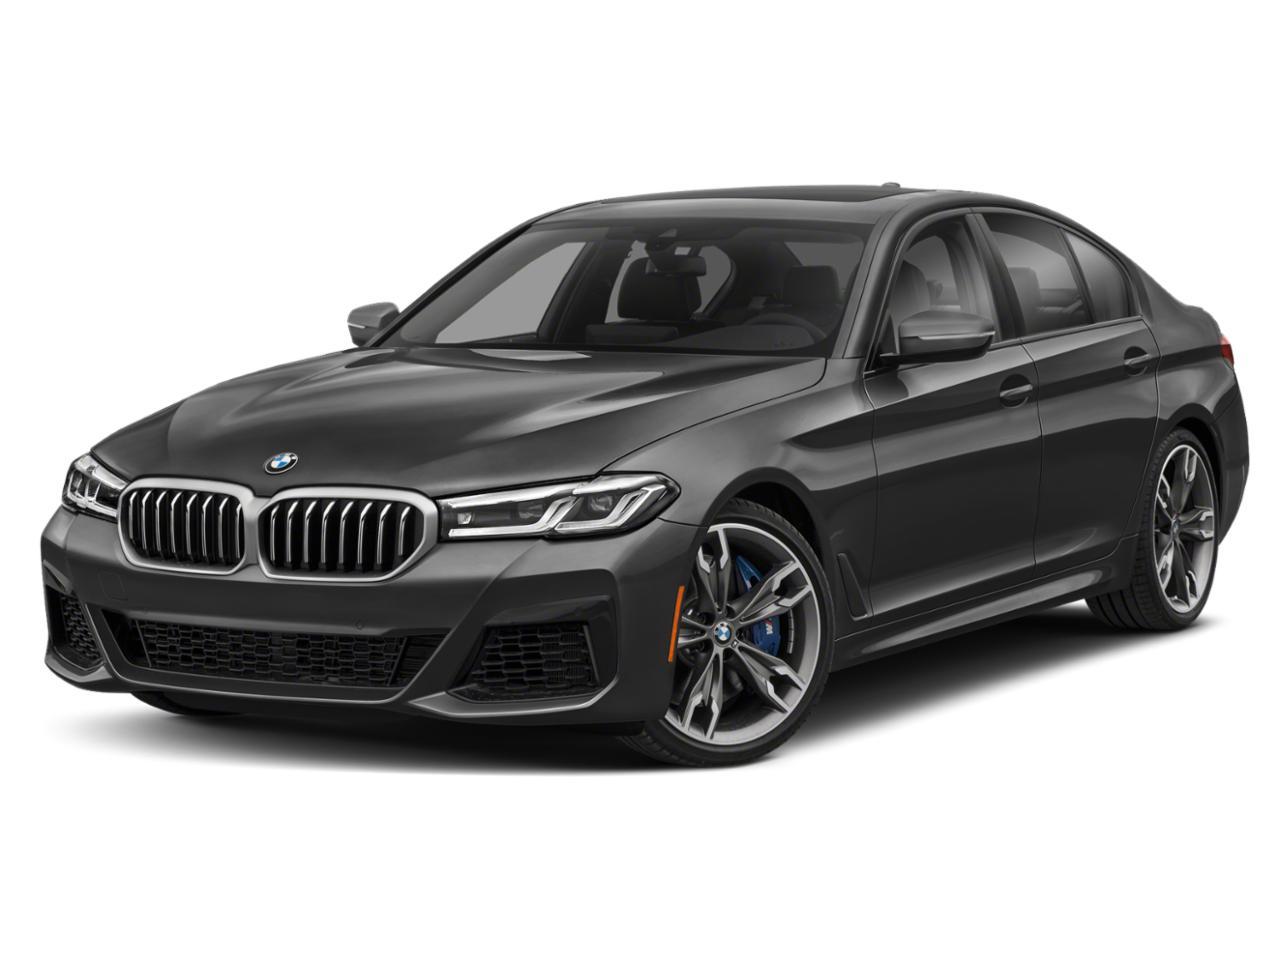 2021 BMW M550i xDrive Vehicle Photo in Grapevine, TX 76051